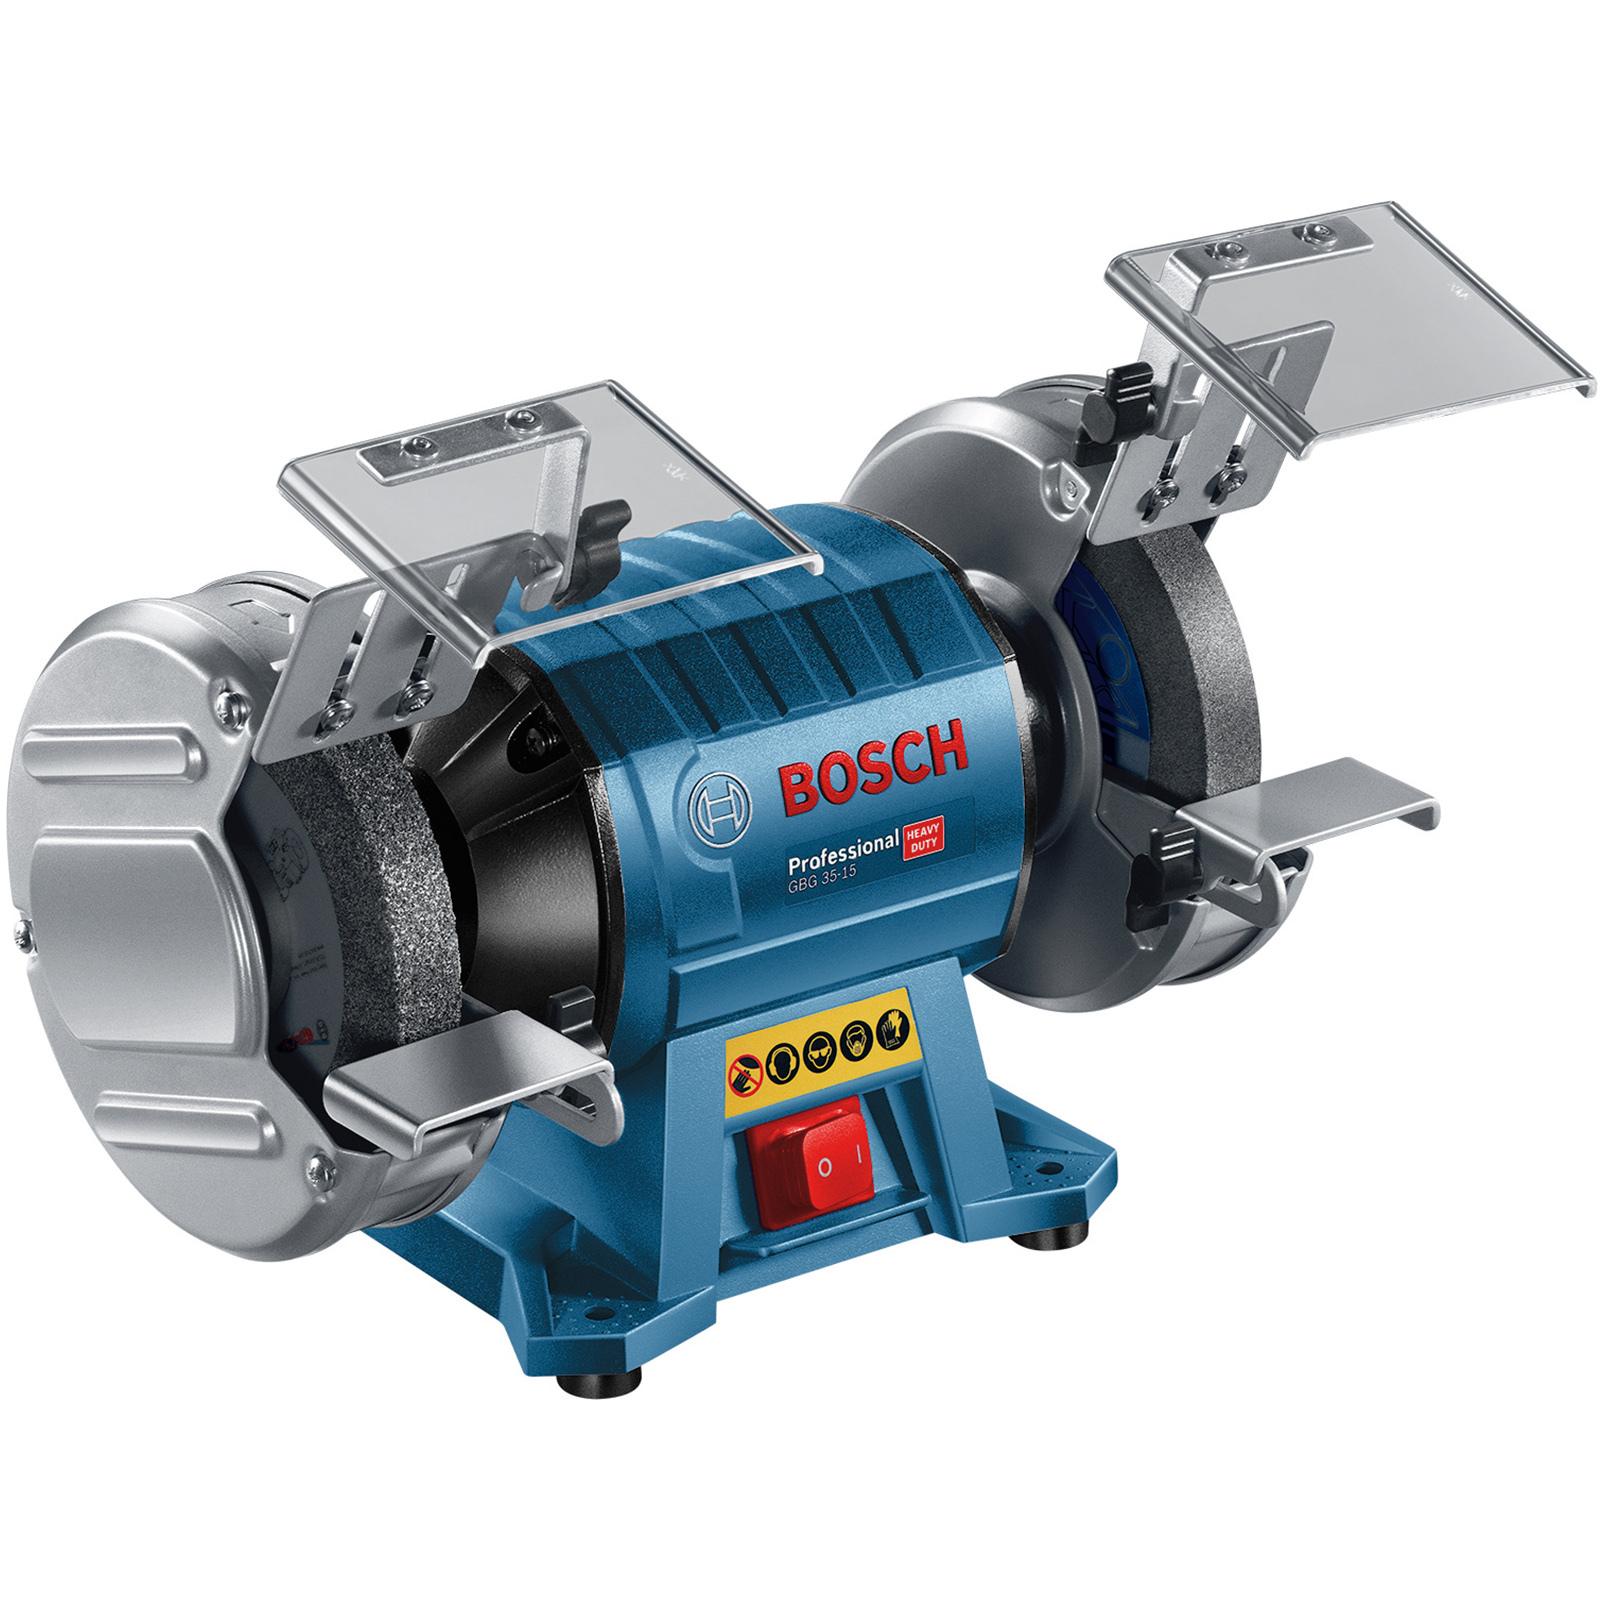 Bosch Blue 350W Double Wheel Bench Grinder